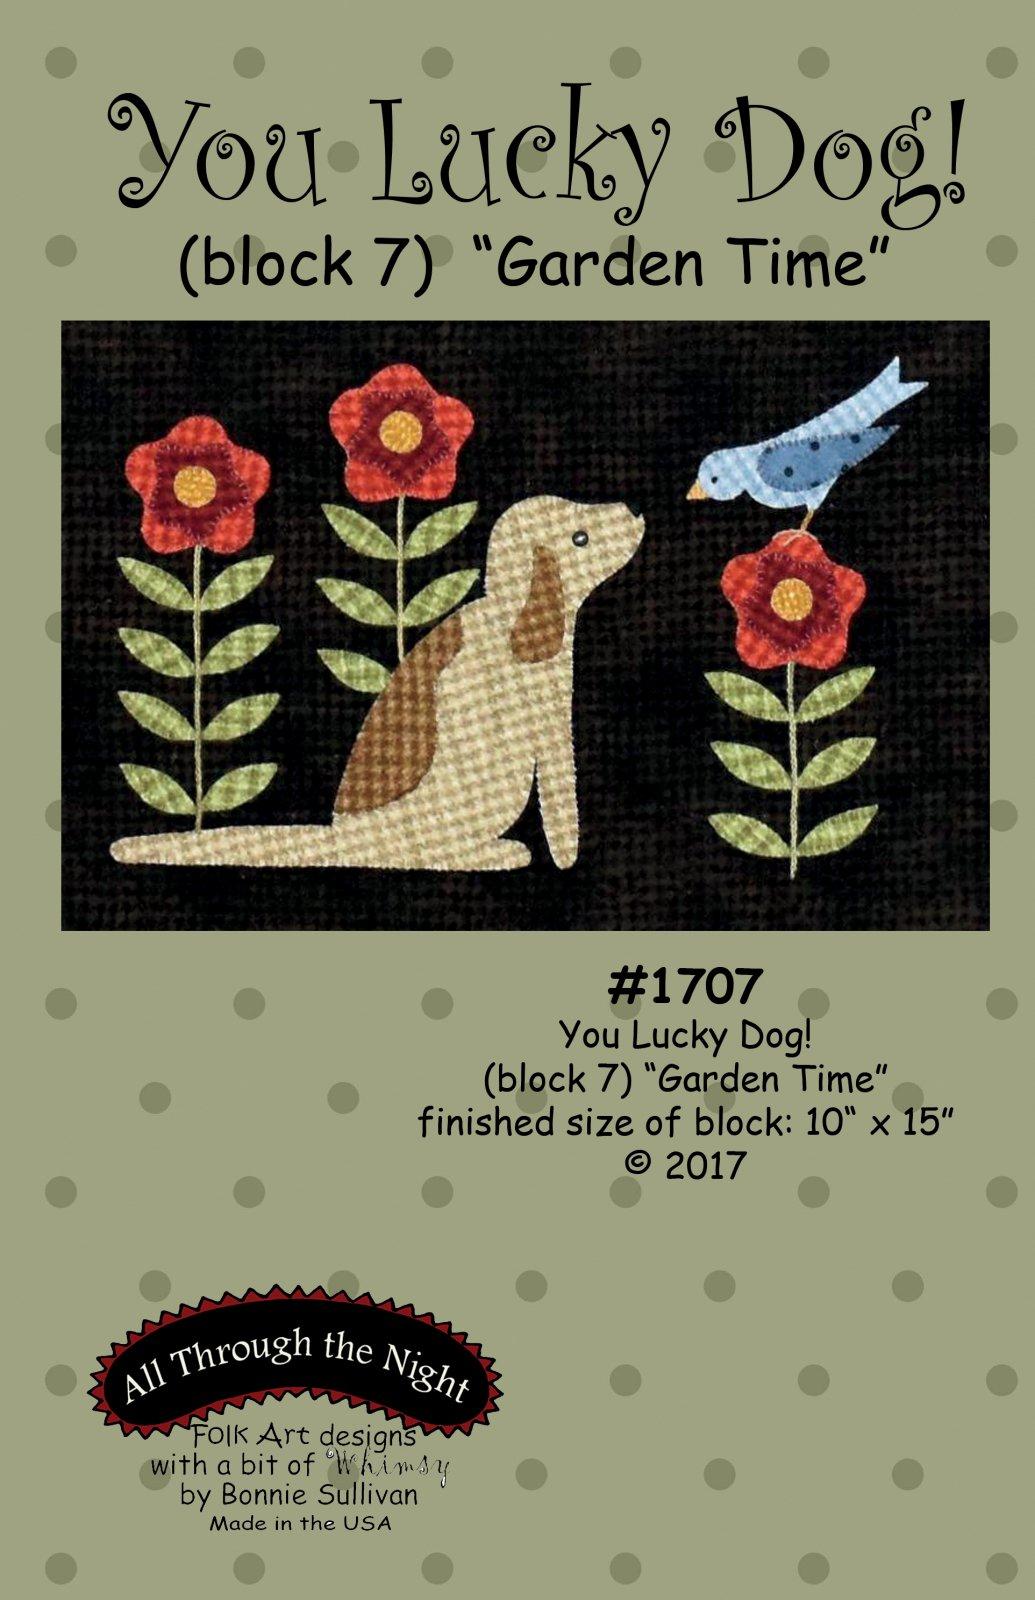 1707 You Lucky Dog Garden Time